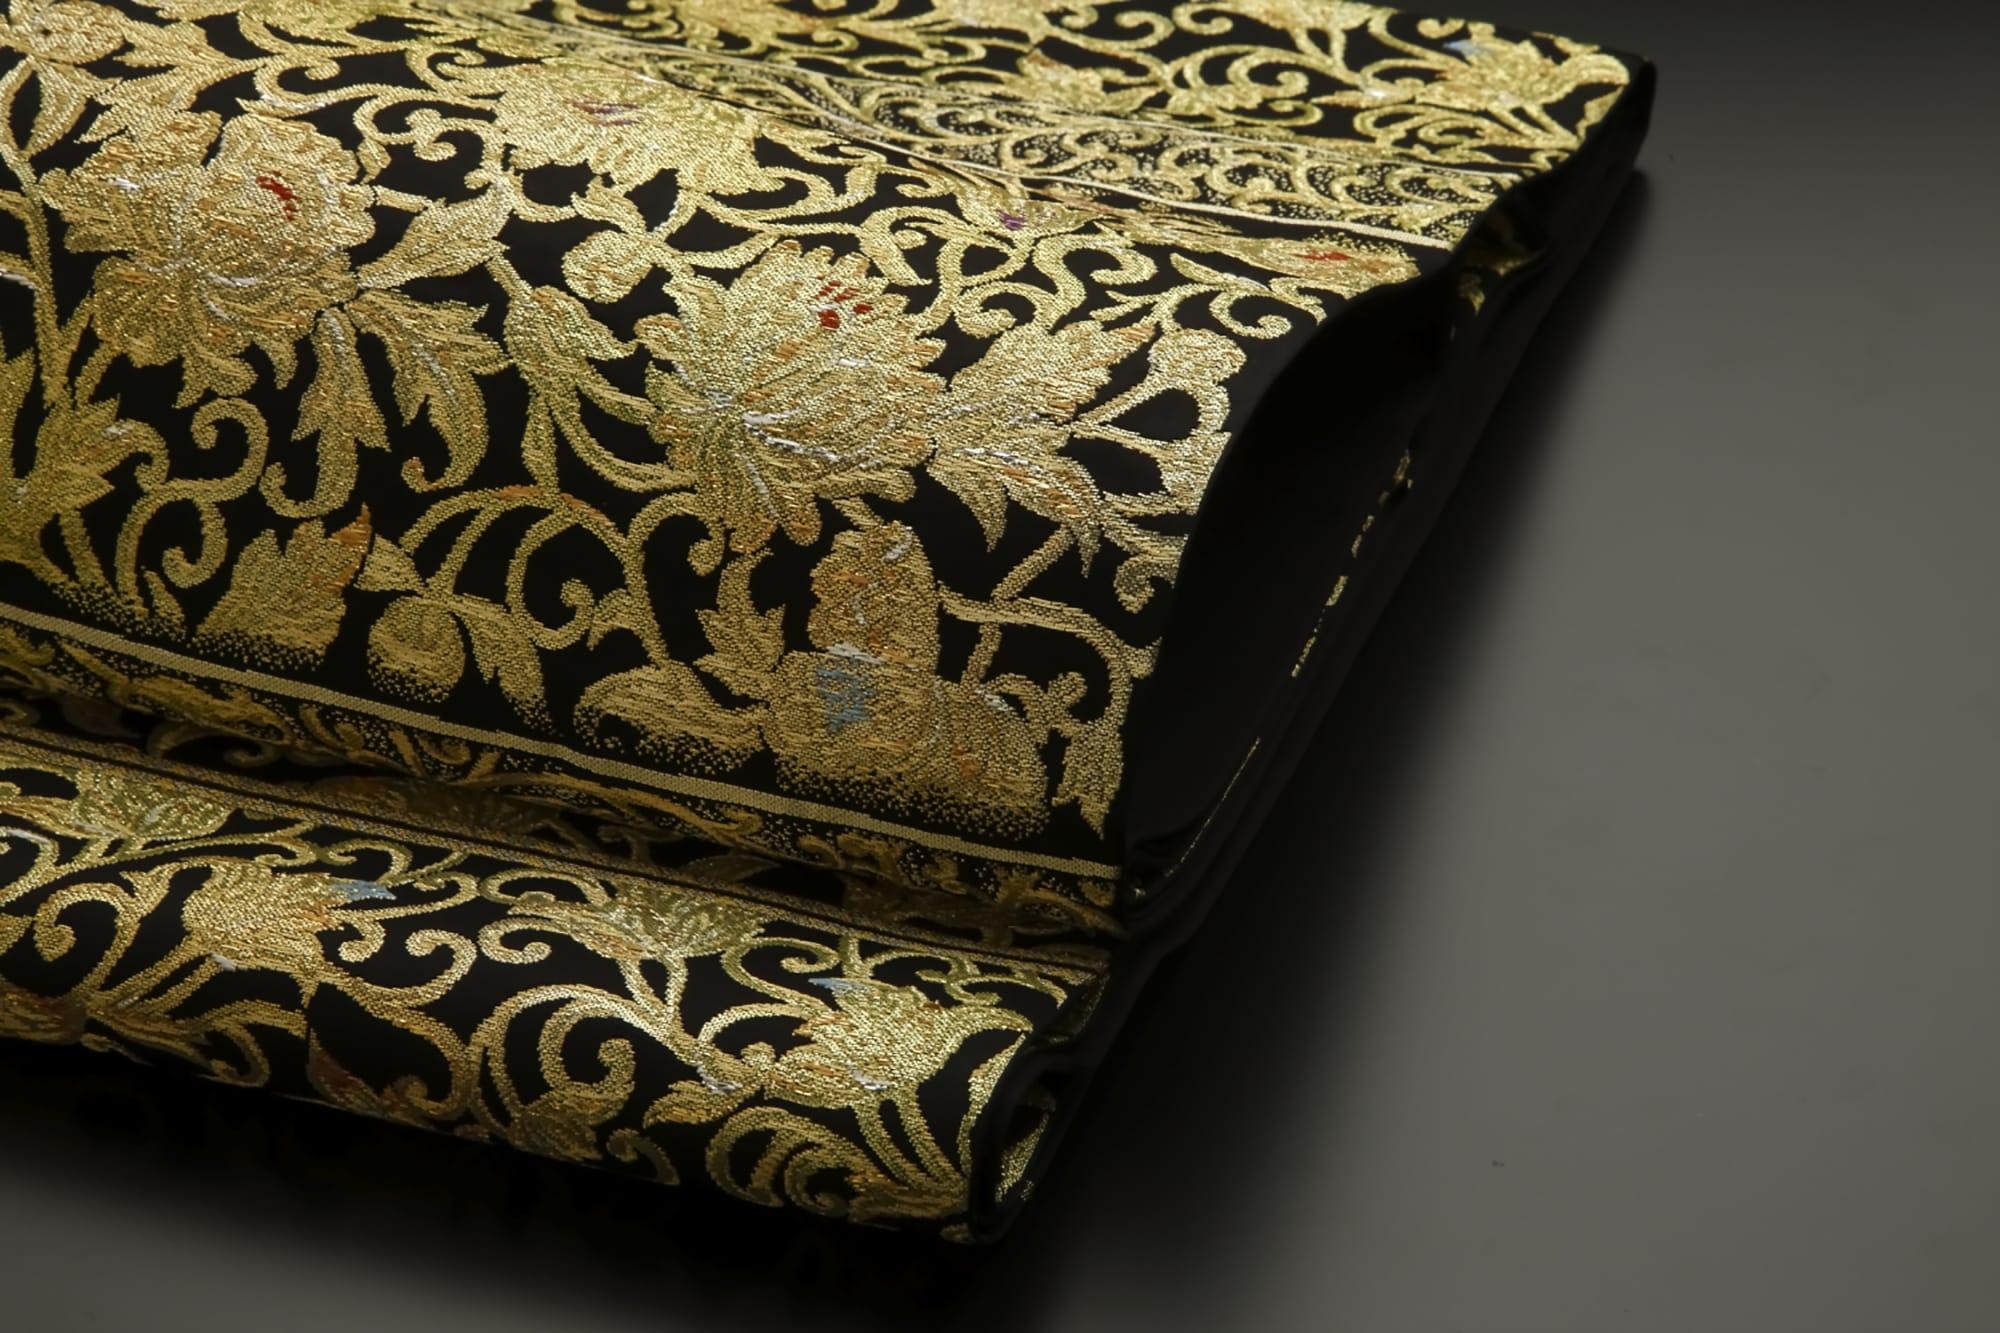 帯「耀映芳華錦」(龍村美術織物) 金工細工の透かし彫の技法を帯に表現